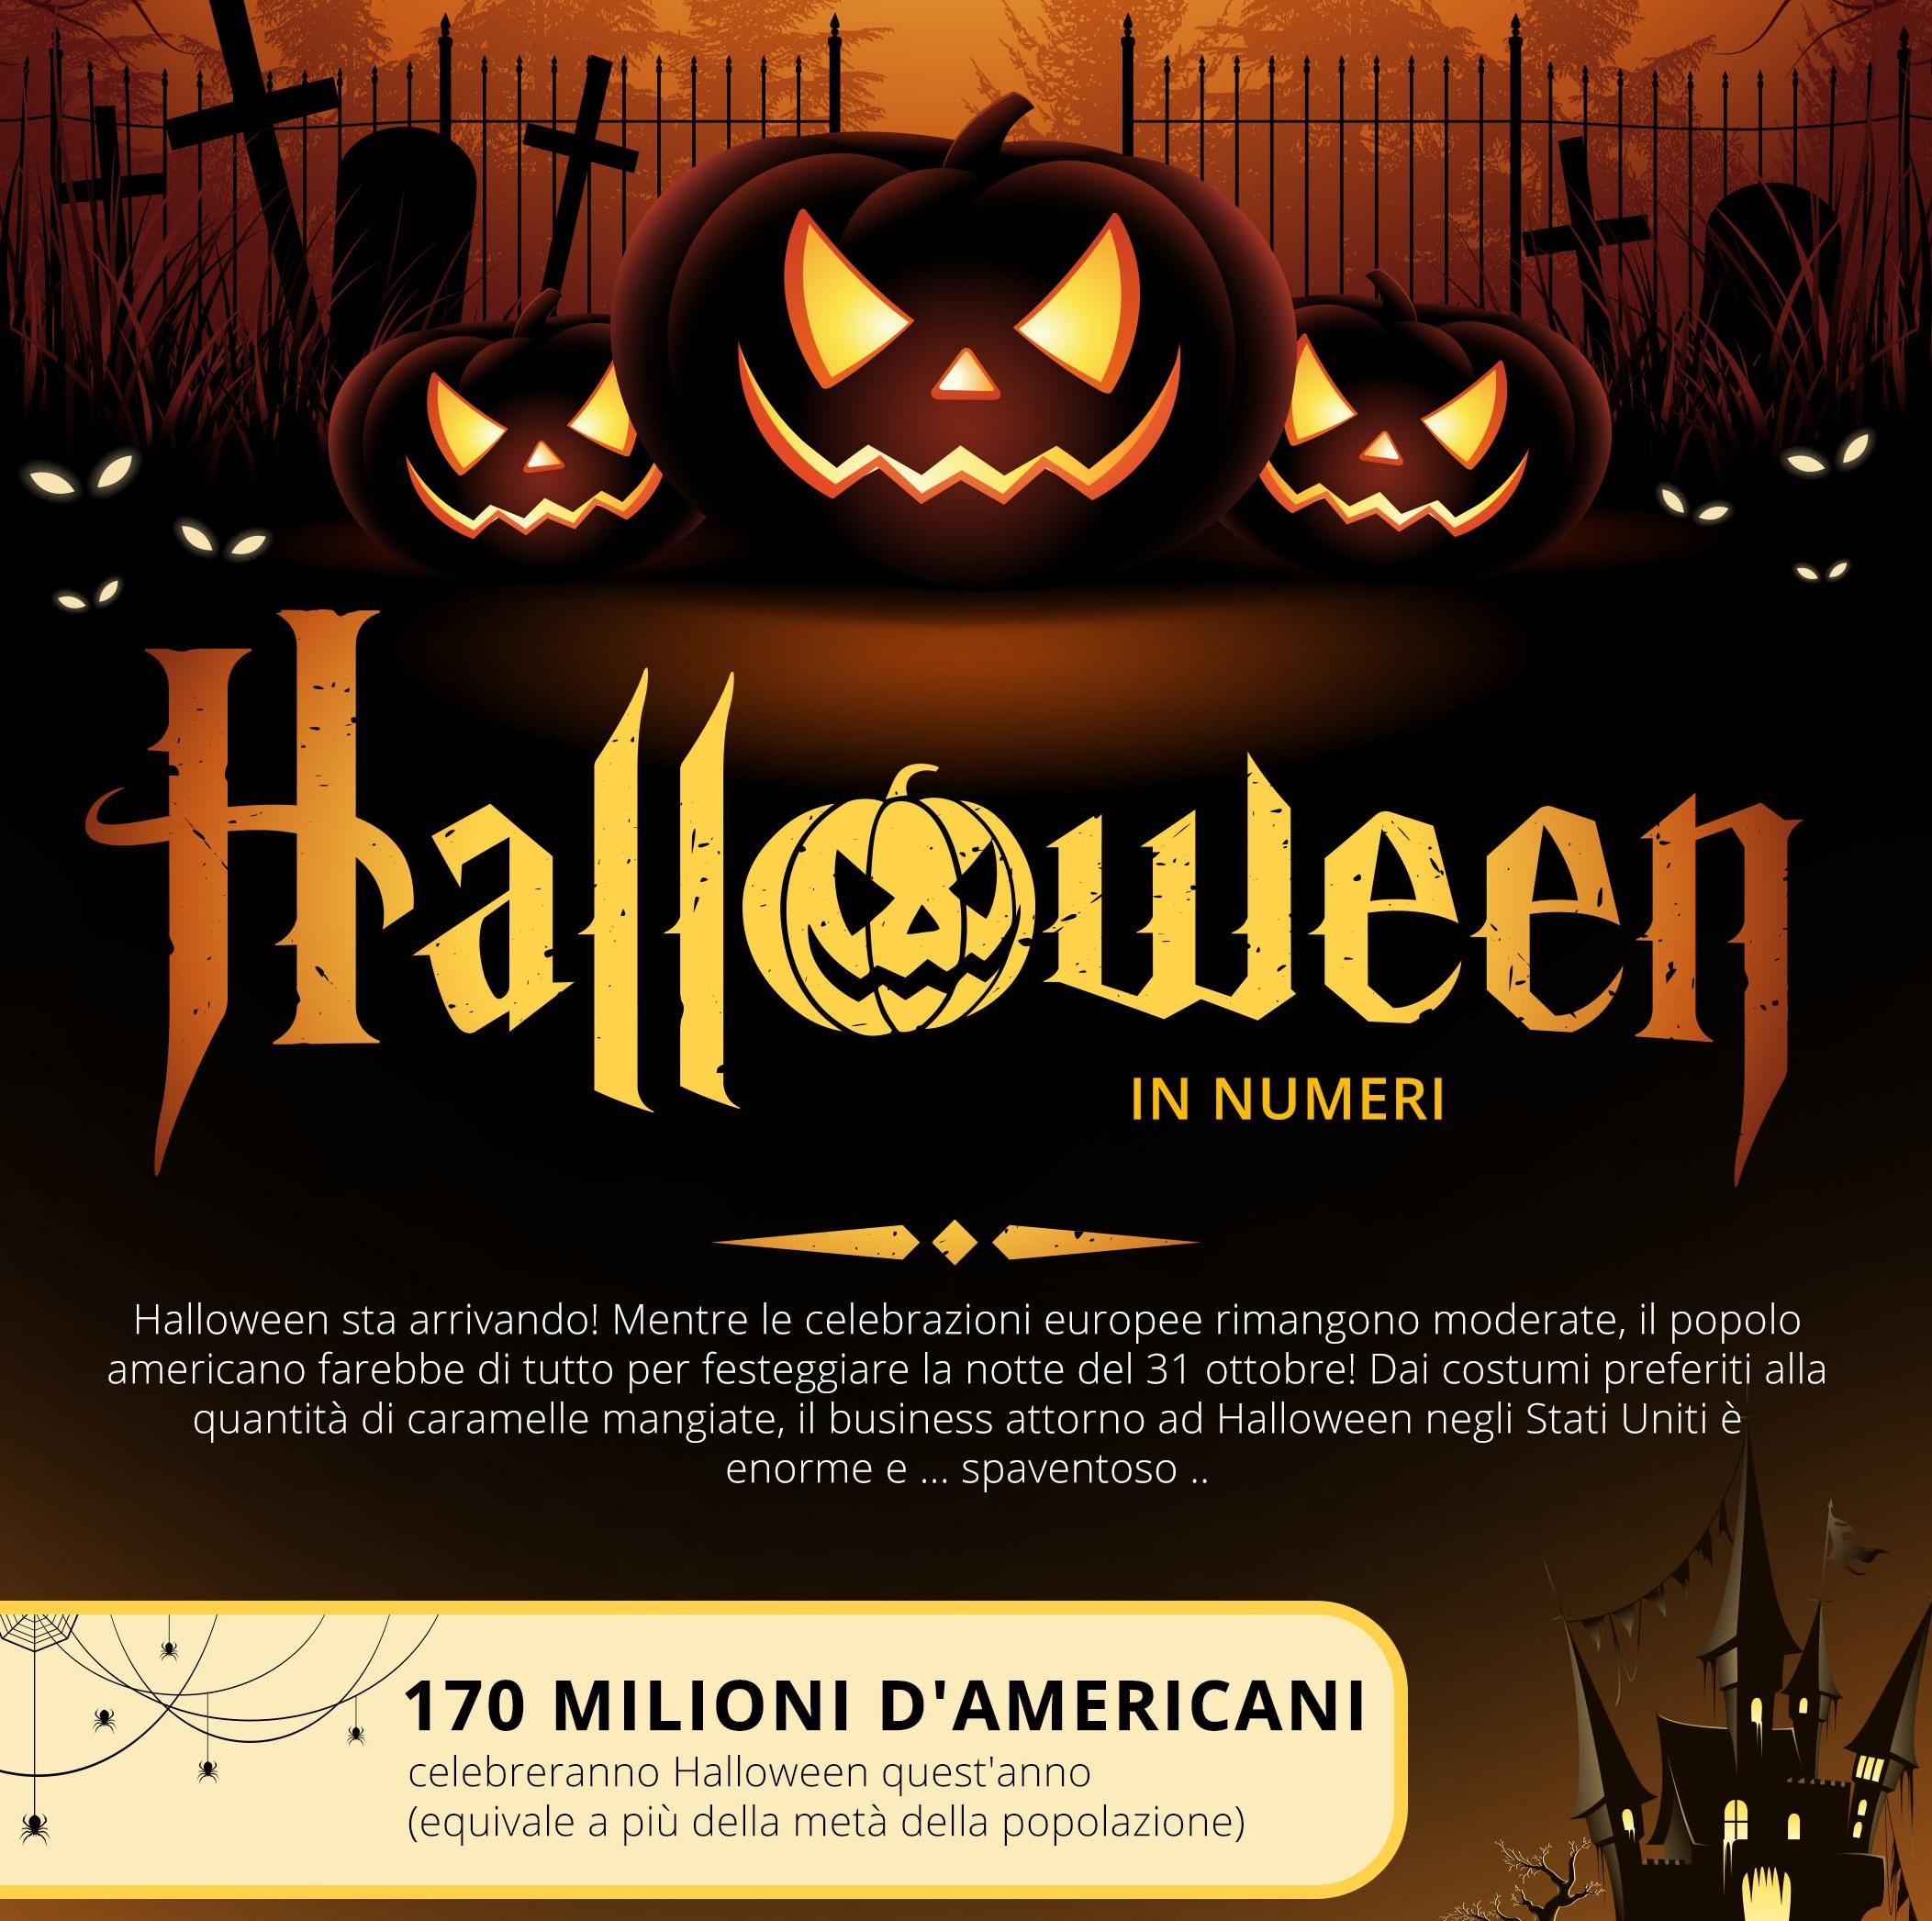 Halloween negli Stati Uniti: quanto spendono gli americani per la celebrazione della festa celtica Samhain?